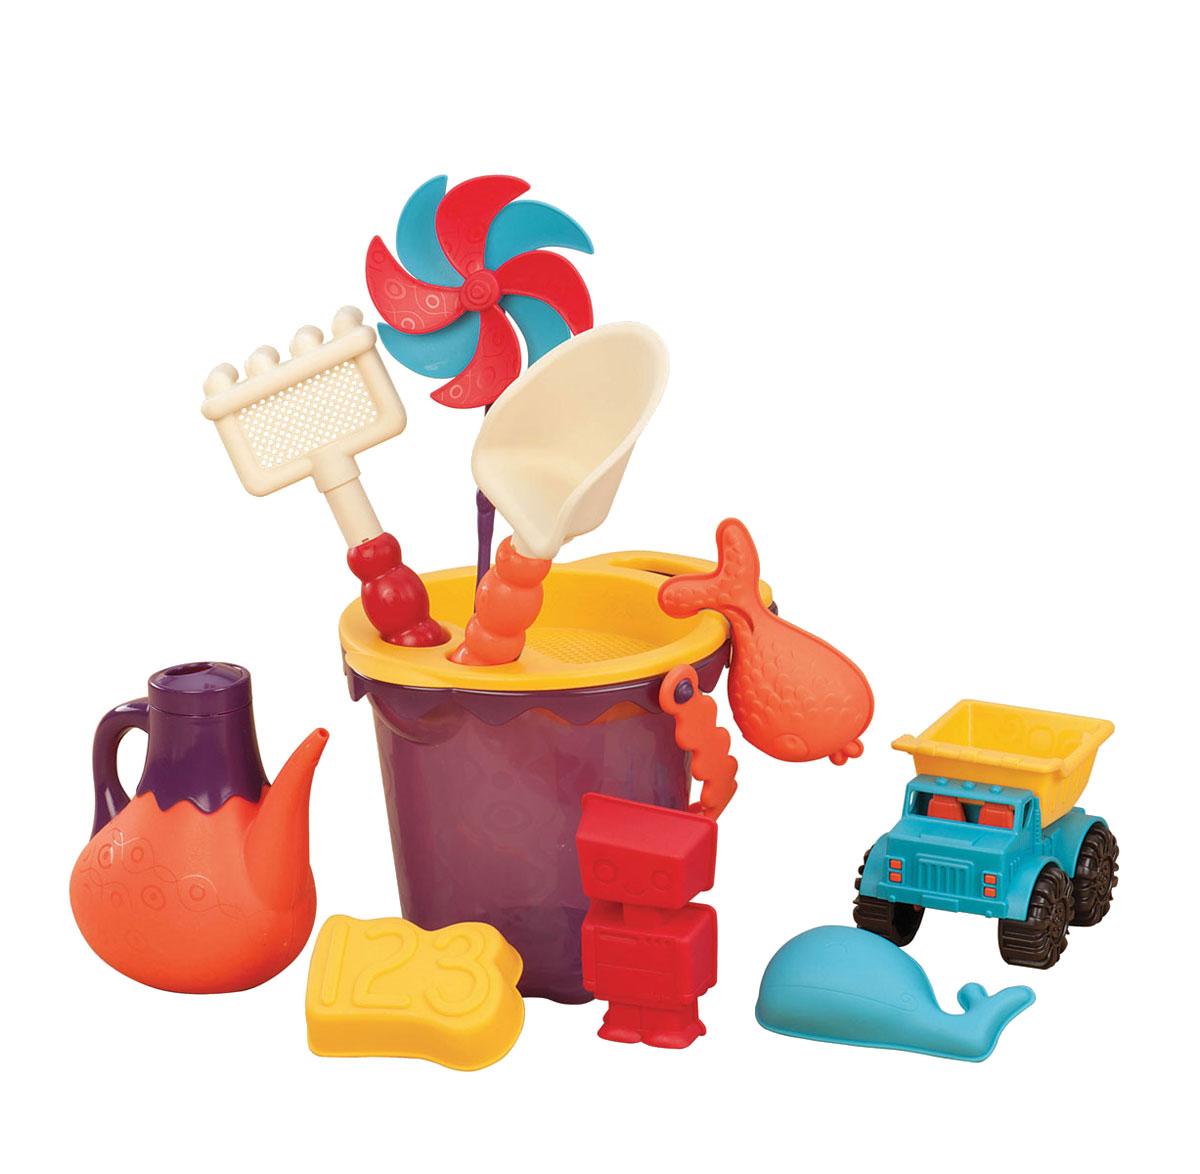 Набор для песочницы Battat Ready Beach Bag, с машинкой, 11 предметов68704Набор для песочницы Battat Ready Beach Bag сделает игры в песке еще более увлекательными и захватывающими. Набор включает в себя 11 предметов: машинку, 4 формочки, лопатку, грабельки, ведерко с забавной ручкой, ситечко, вертушку и лейку. Все элементы набора изготовлены из высококачественного безопасного пластика и имеют яркие приятные цвета. Машинка выполнена в виде самосвала с просторным откидывающимся кузовом, в котором можно перевозить важнейший элемент стройки - песок. Колесики машинки вращаются. Формочки выполнены в виде башен, с их помощью малыш слепит потрясающий песочный замок. Грабельки имеют отверстия, сквозь которые можно просеивать песок. Элементы набора упакованы в прозрачную пластиковую сумку на застежки-молнии с сетчатым дном. Игры в песке способствуют развитию мелкой моторики ребенка, координации движений, тактильного и цветового восприятия, а также воображения и творческого мышления. А с набором для песочницы Battat Ready Beach Bag играть...